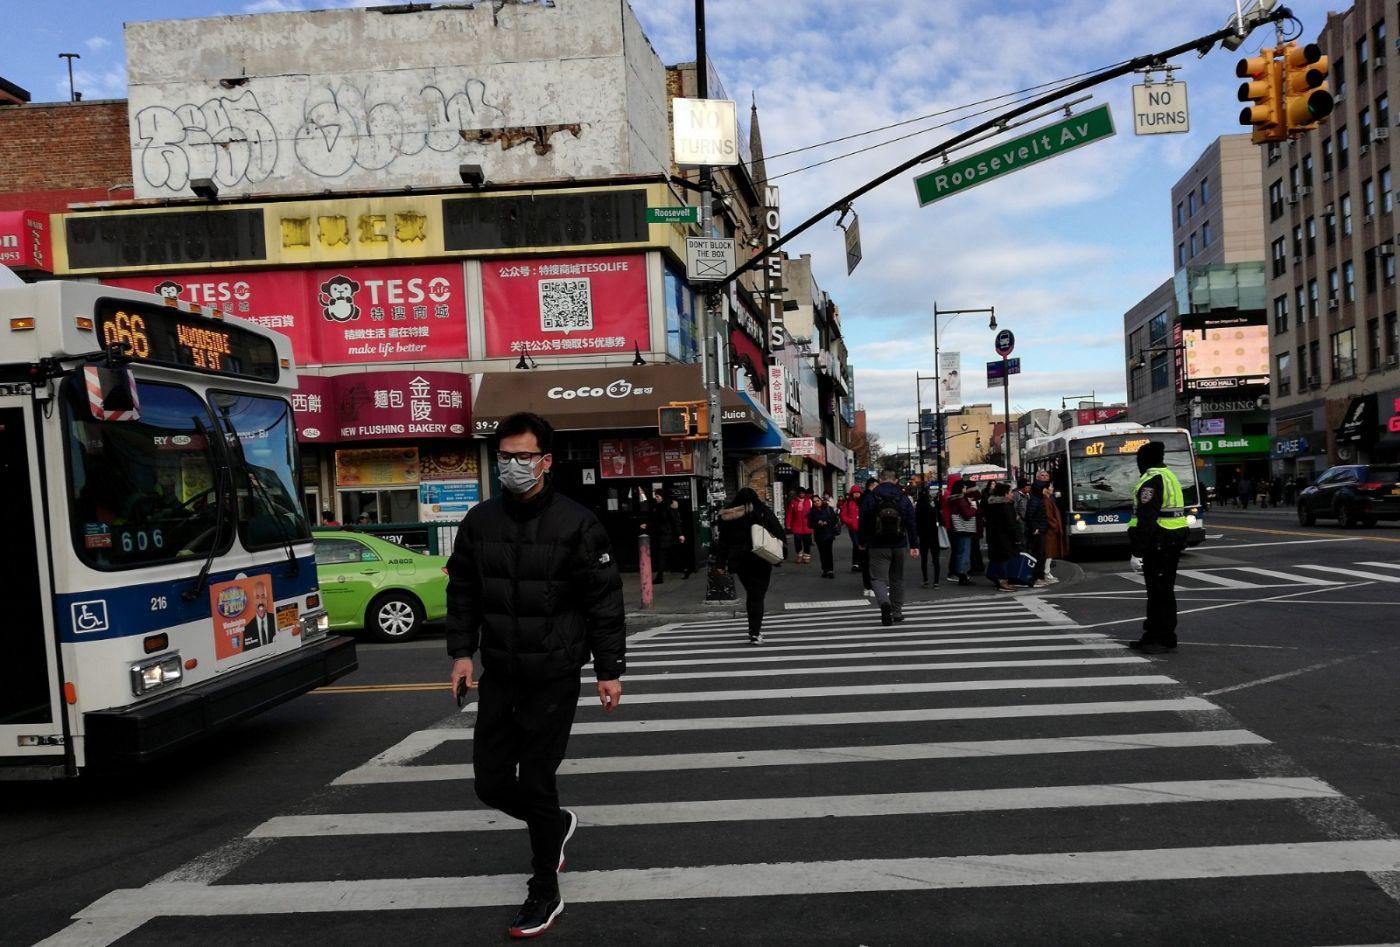 预防新型肺炎,纽约法拉盛街头戴口罩的人不断增加_图1-4